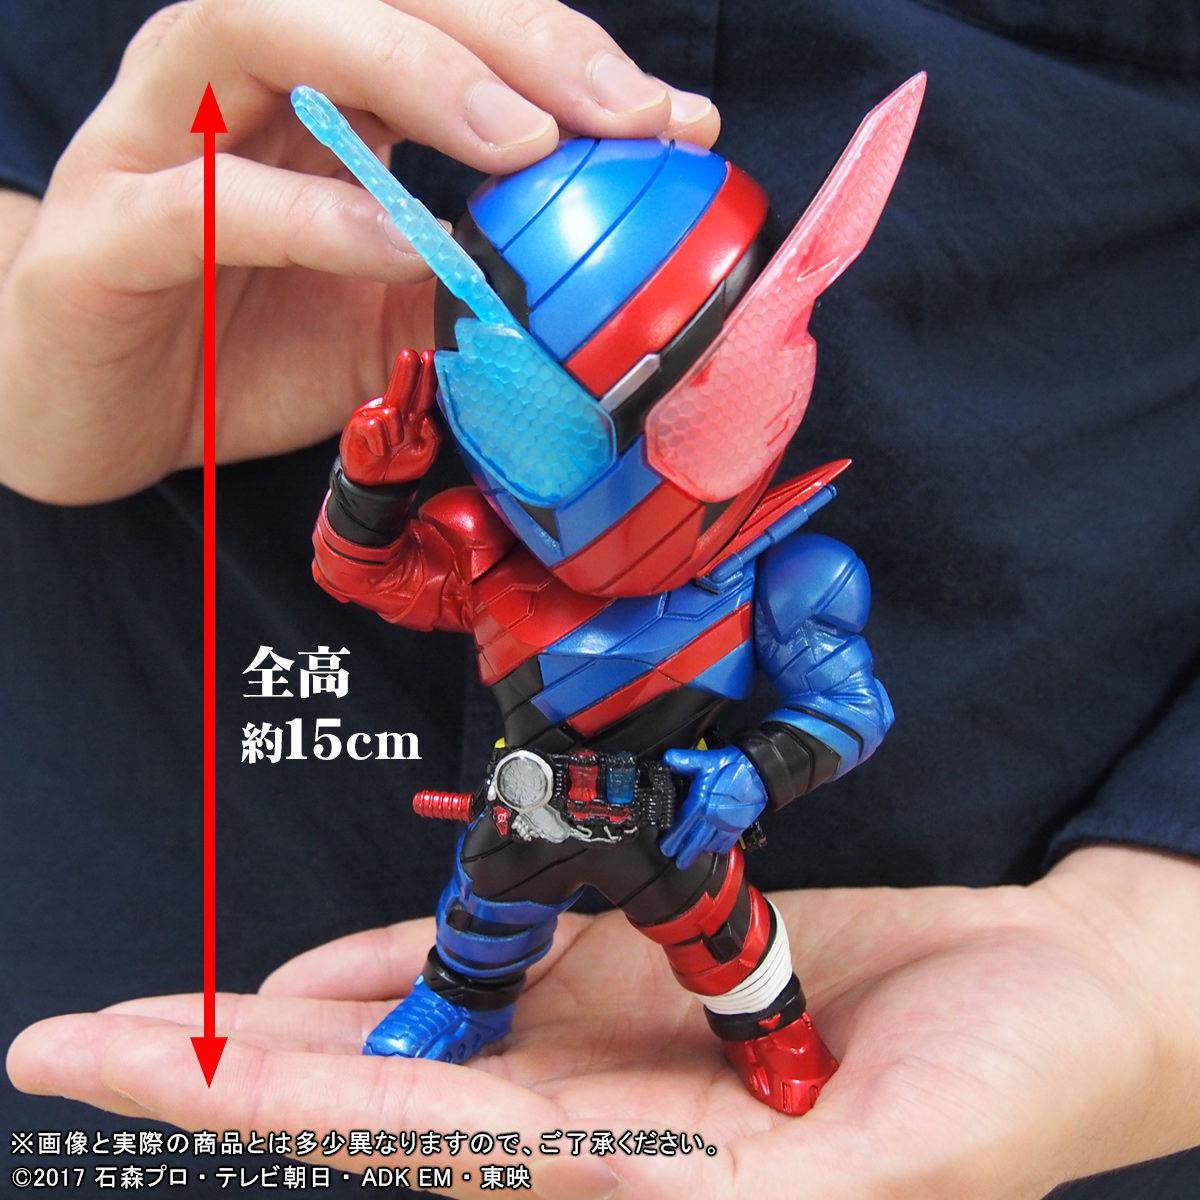 【限定販売】デフォリアル『仮面ライダービルド ラビットタンクフォーム』完成品フィギュア-008